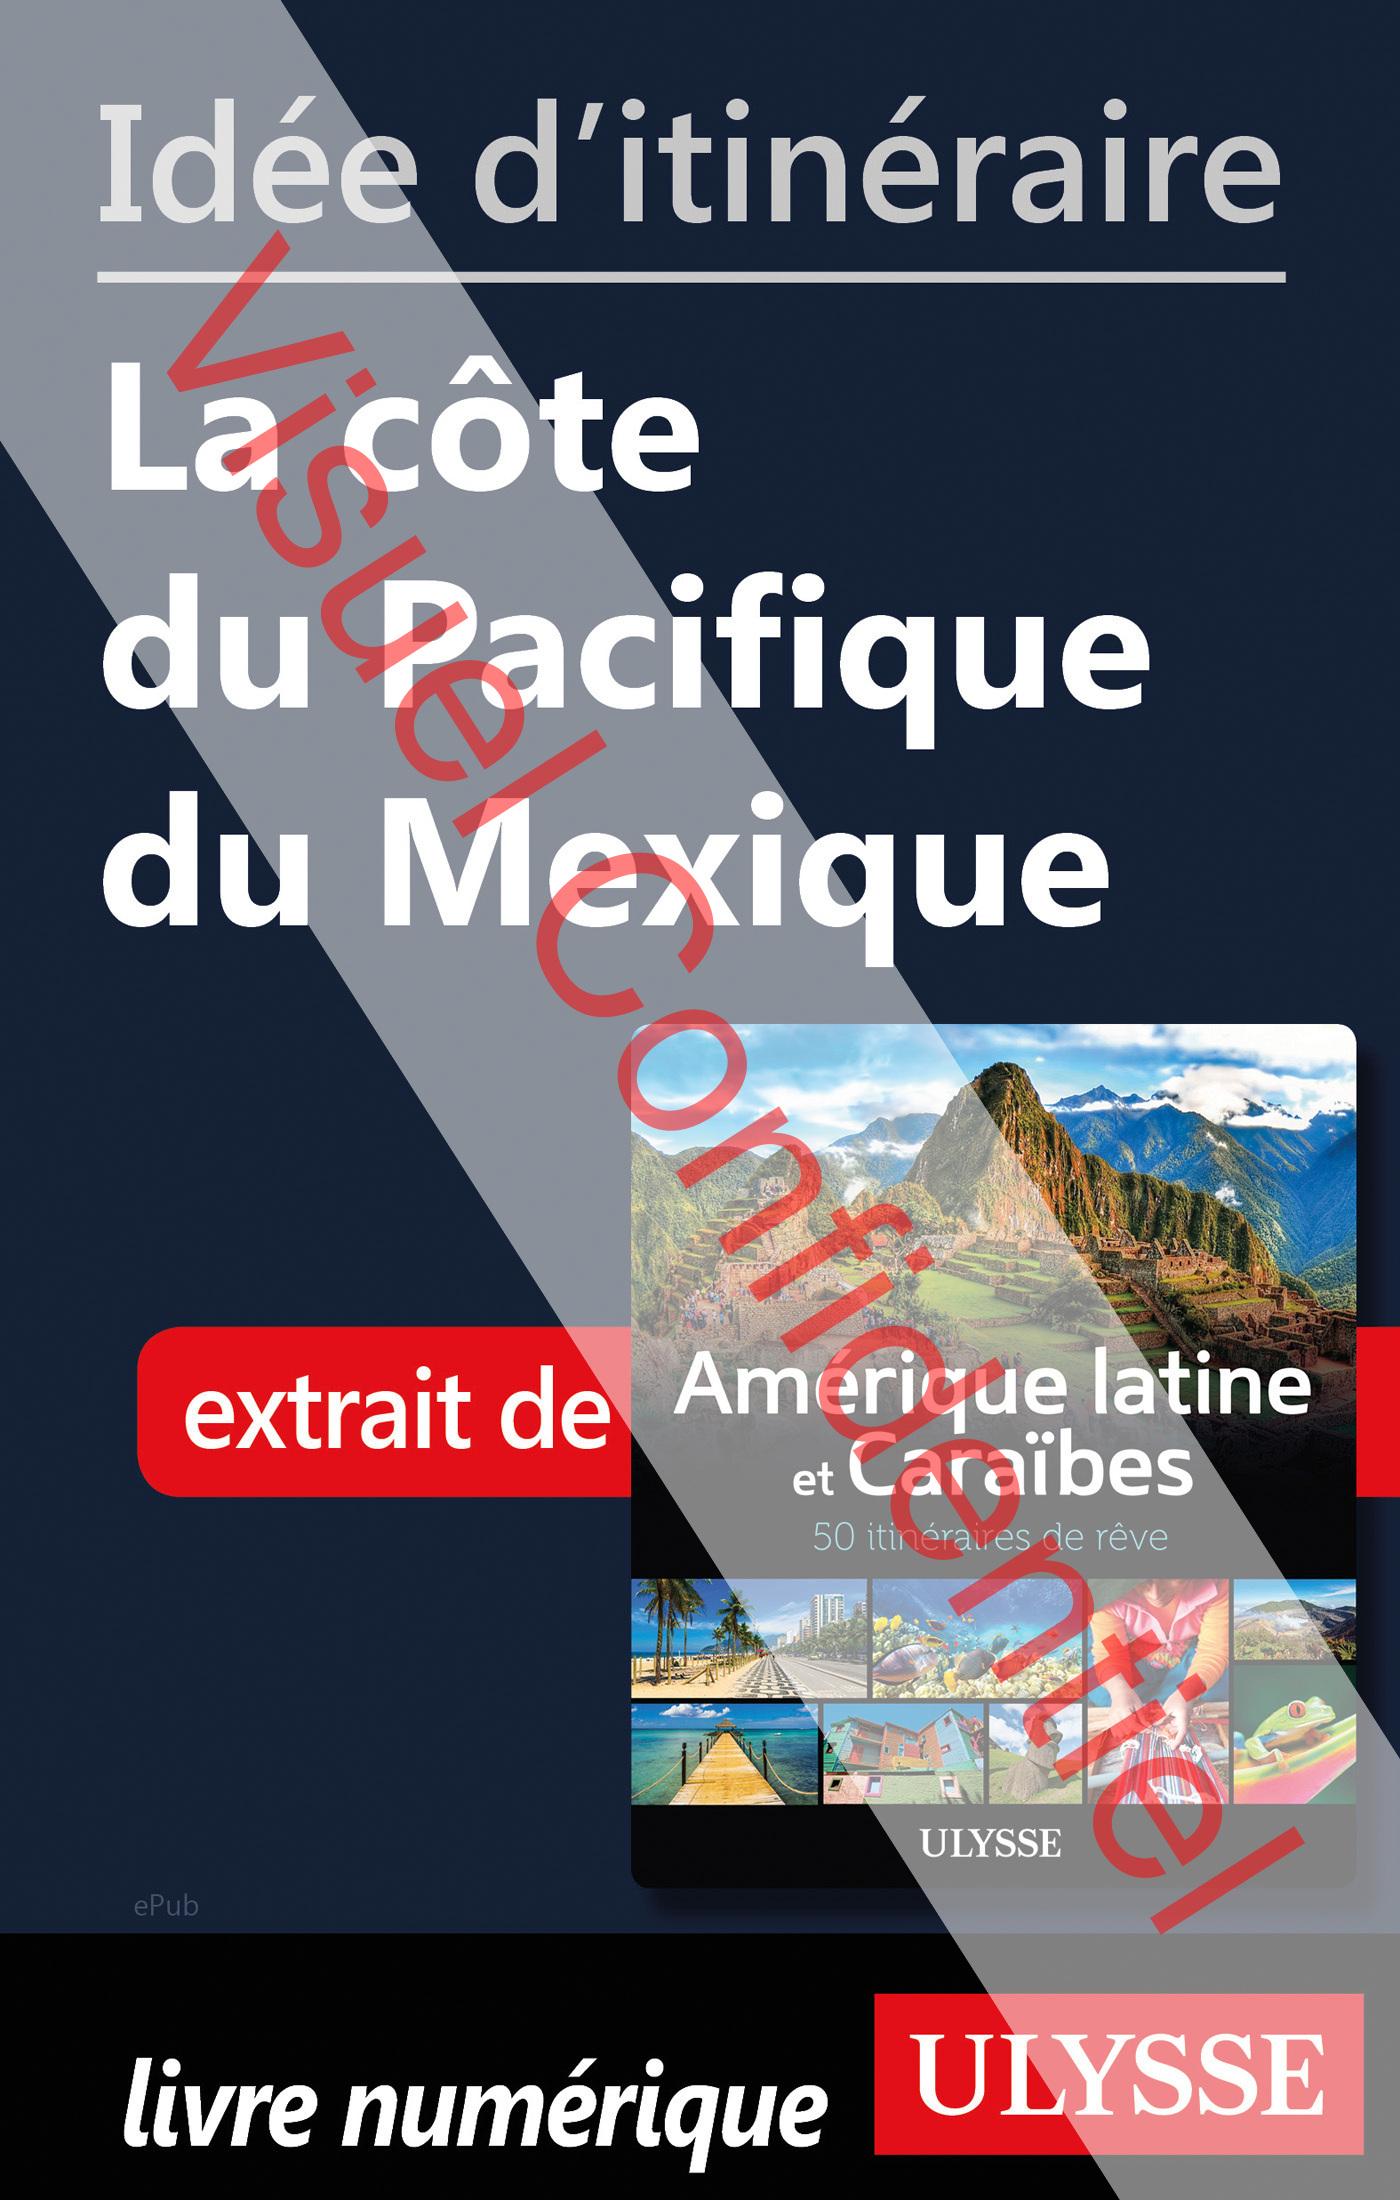 Idée d'itinéraire - La côte du Pacifique du Mexique